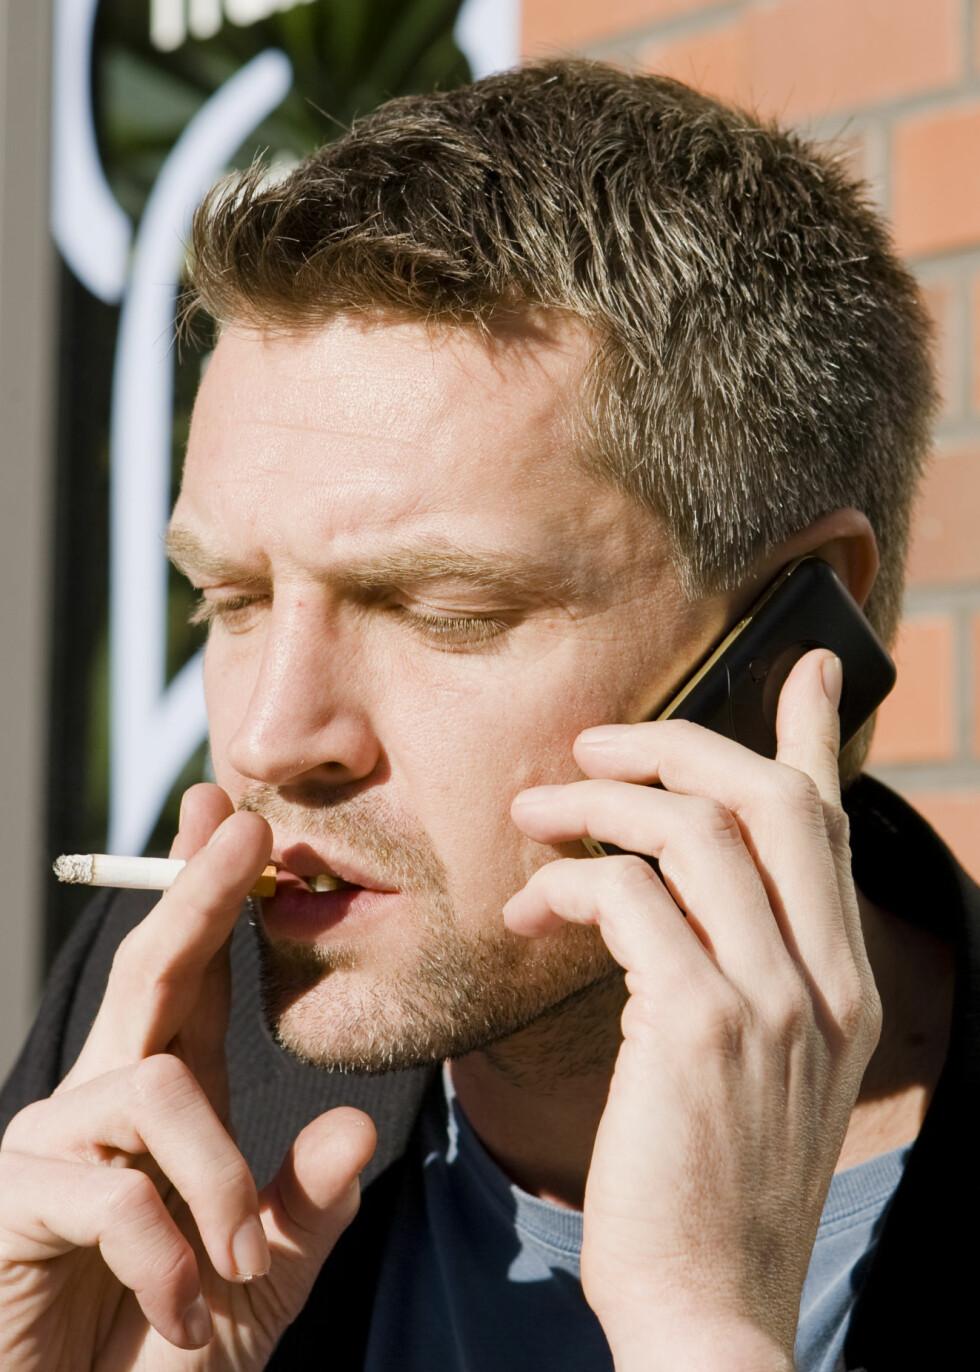 Mange har problemer med å slutte å røyke. FOTO:Colourbox.com